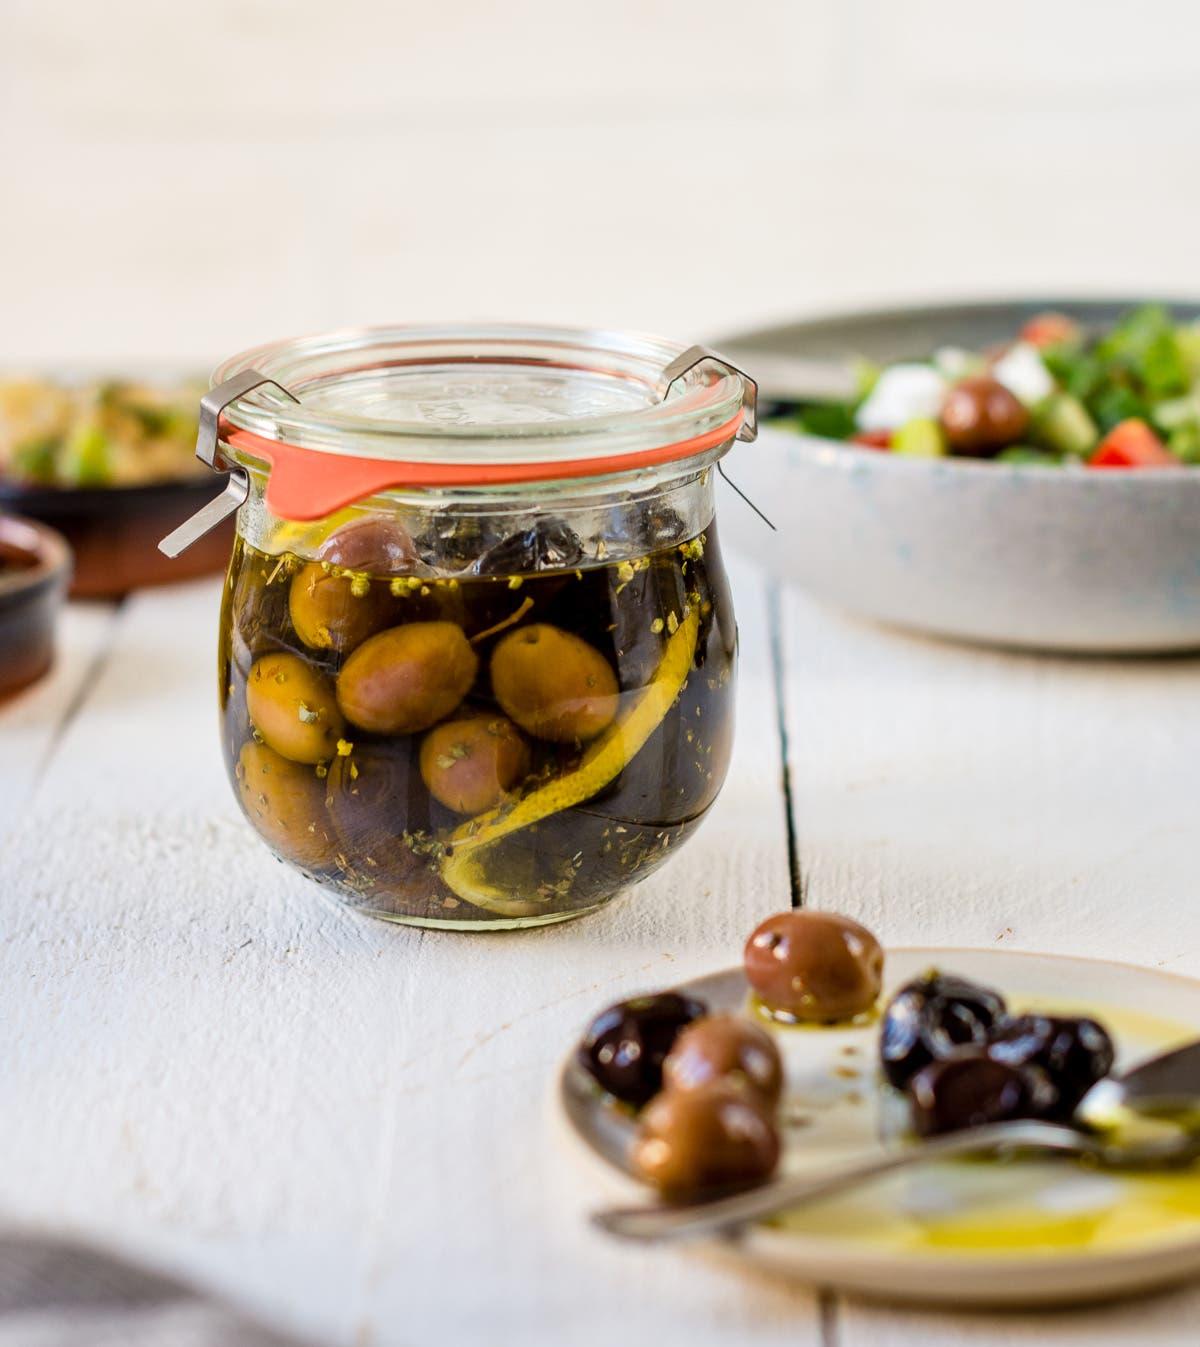 Glas mit eingelegten Oliven und ein Teller mit einem Teelöffel und Oliven auf weißem Untergrund.